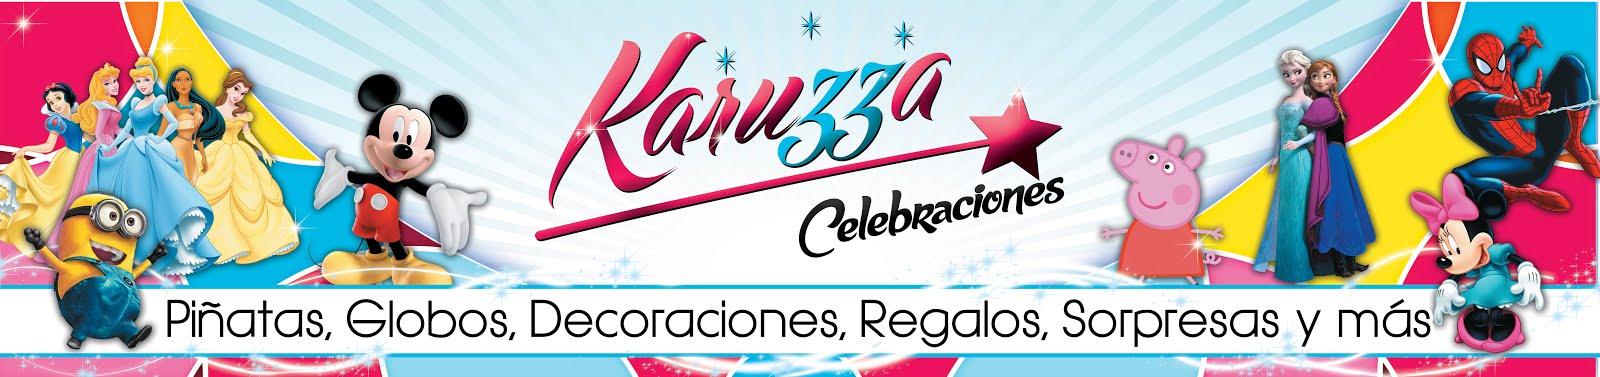 @KaruzzaCelebraciones